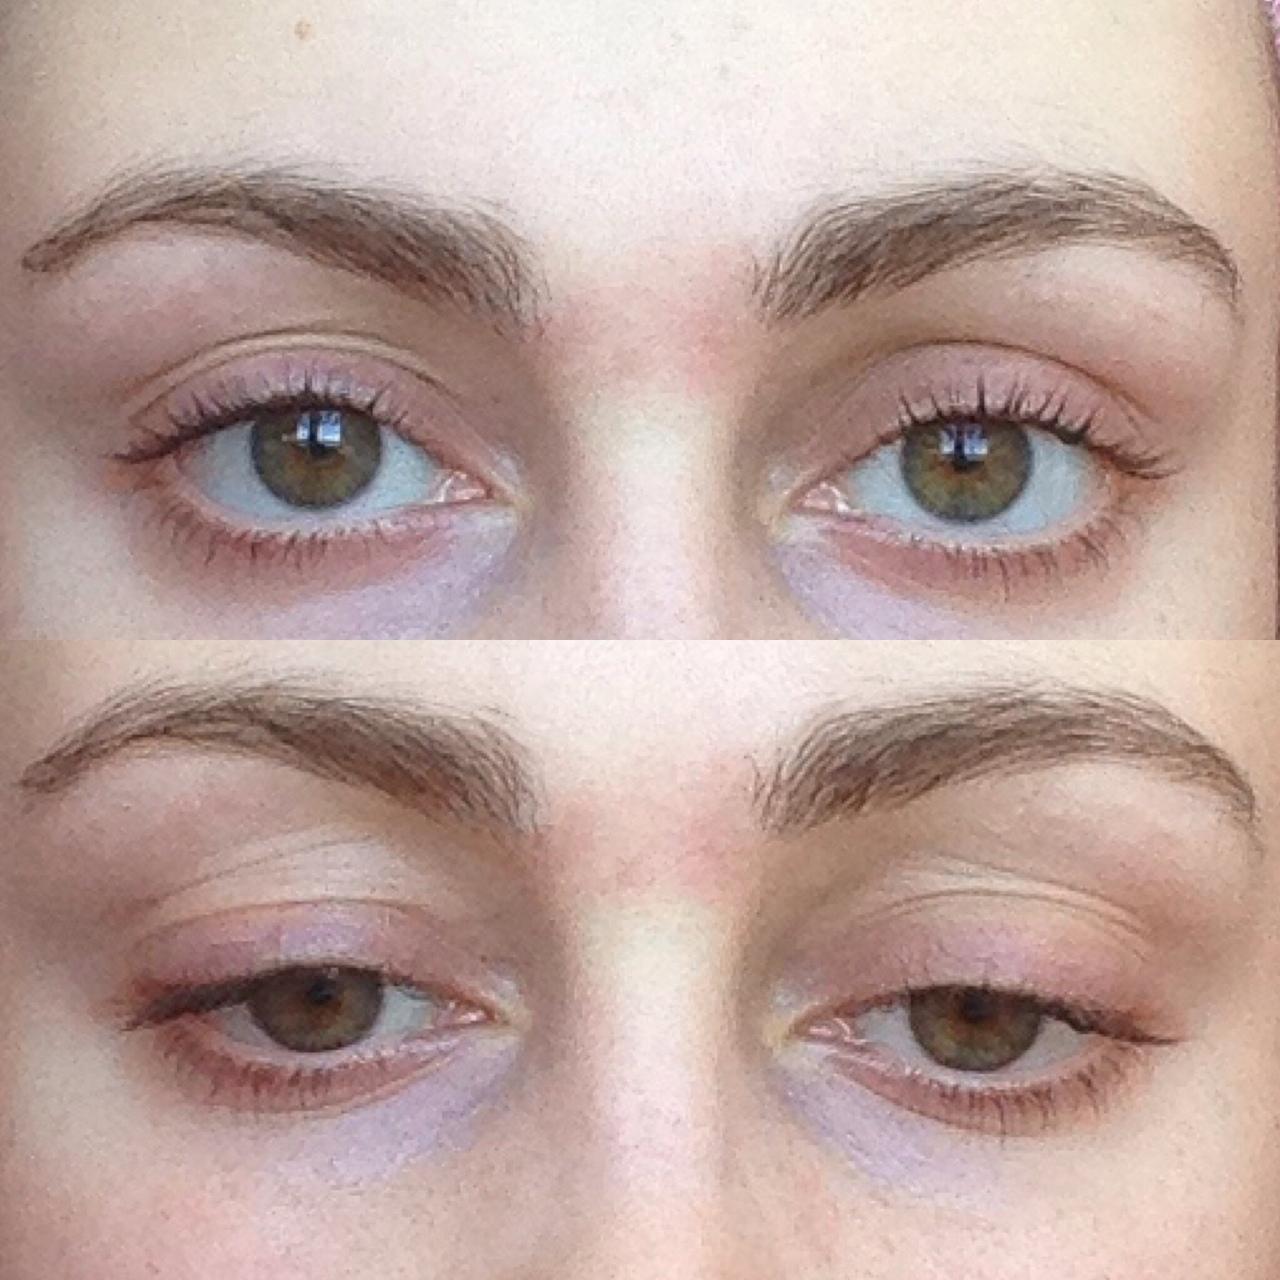 Птоз век: может ли косметический дефект лишить зрения?